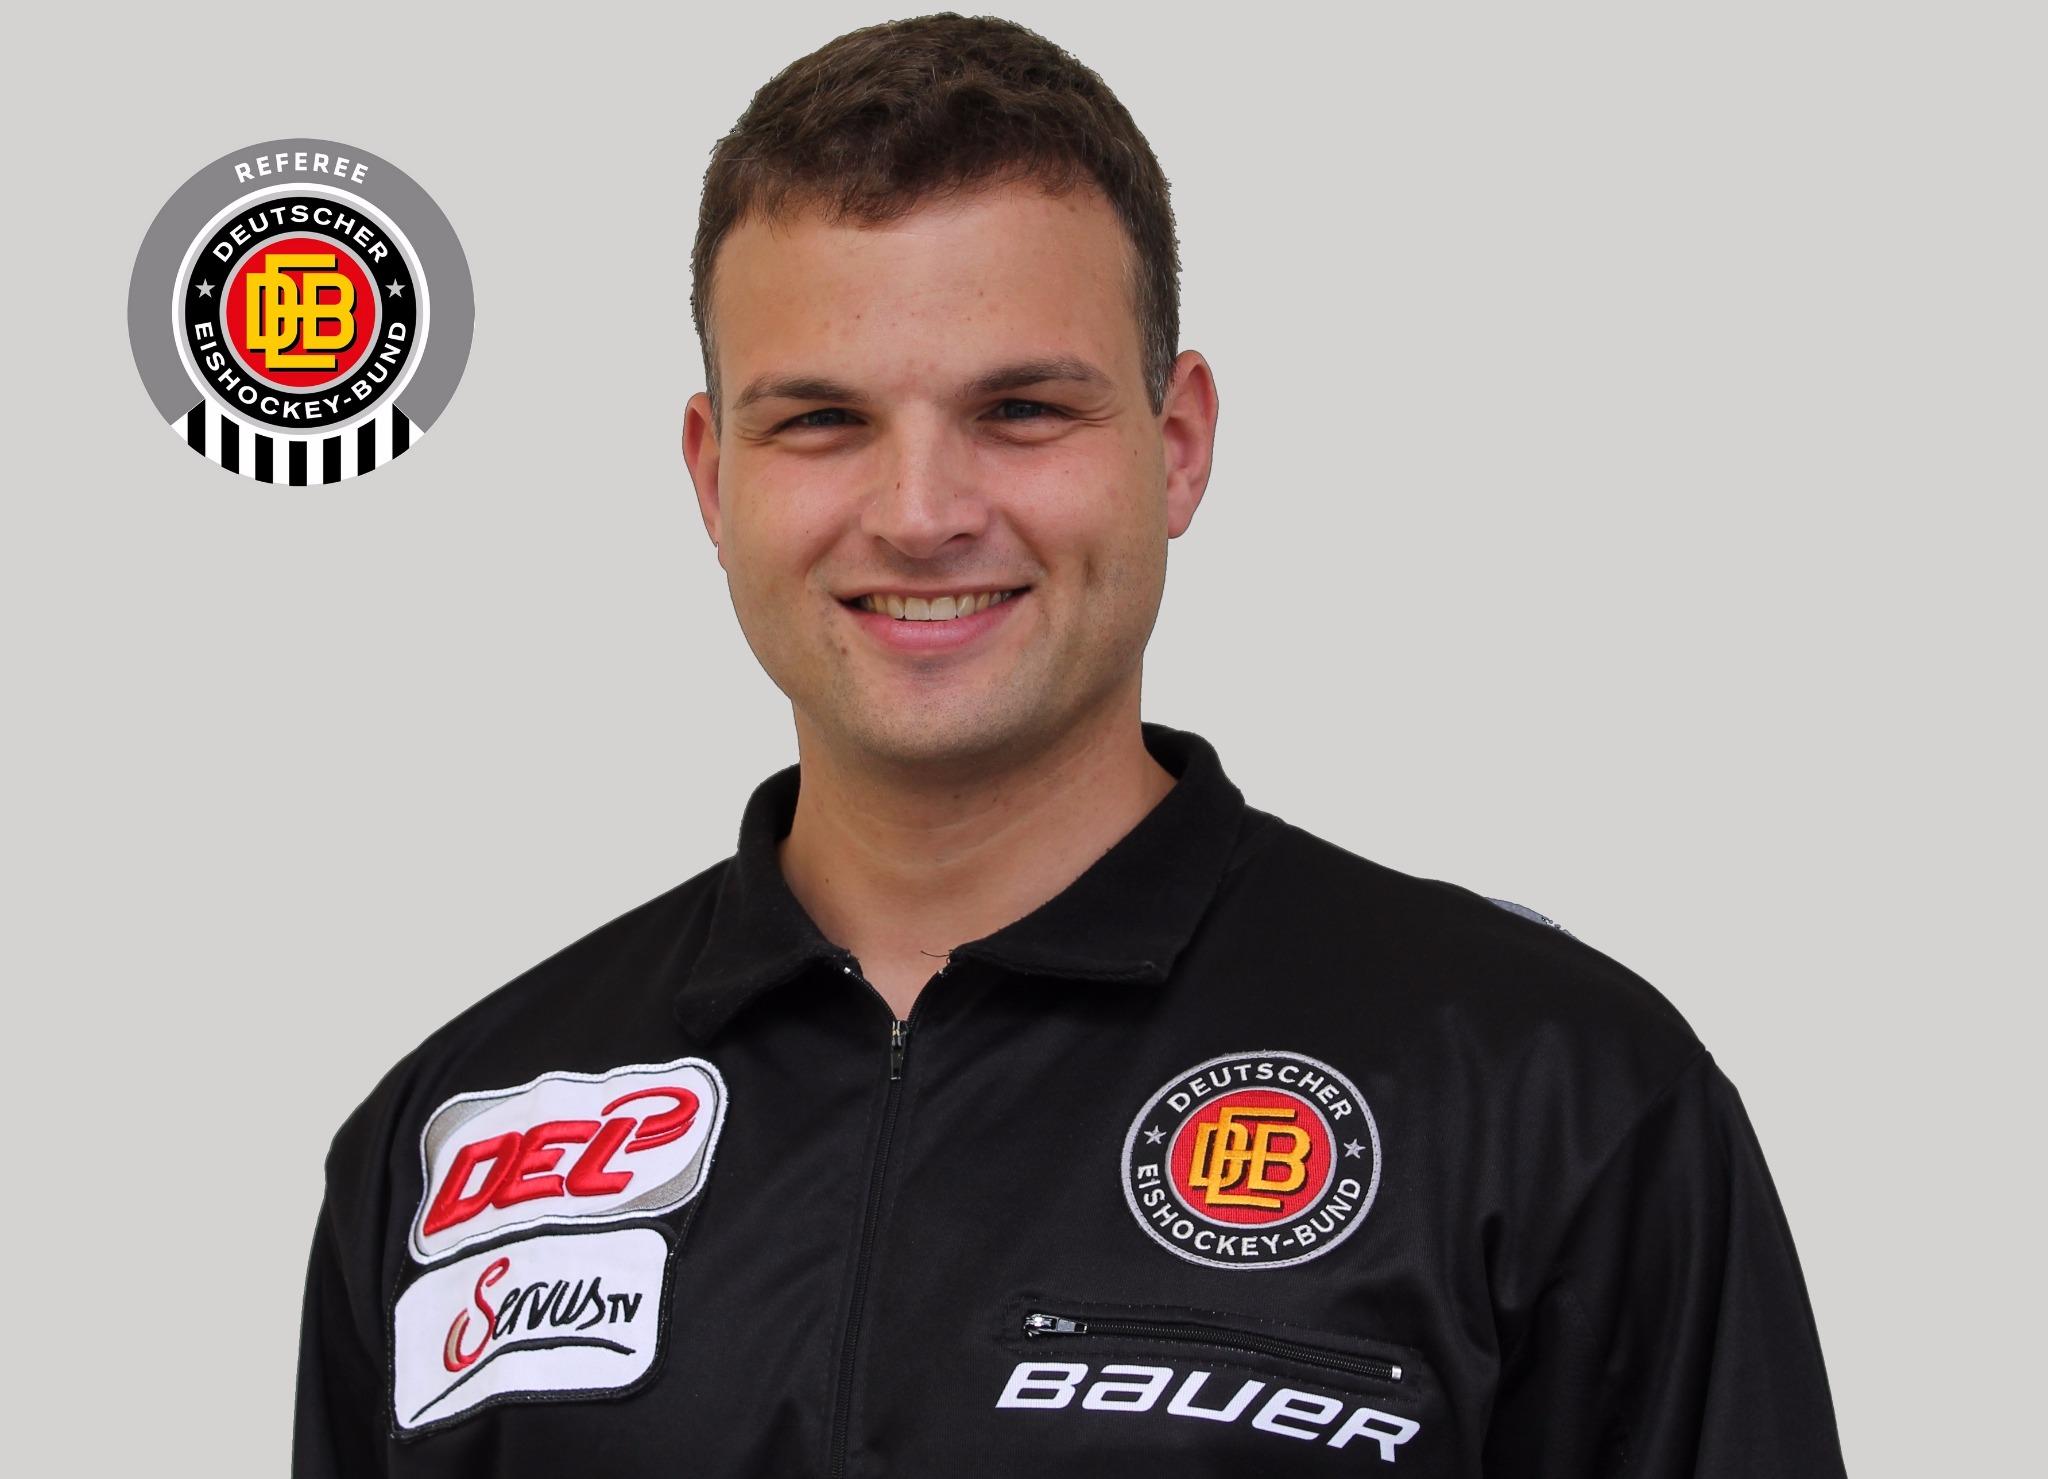 Andreas Kowert